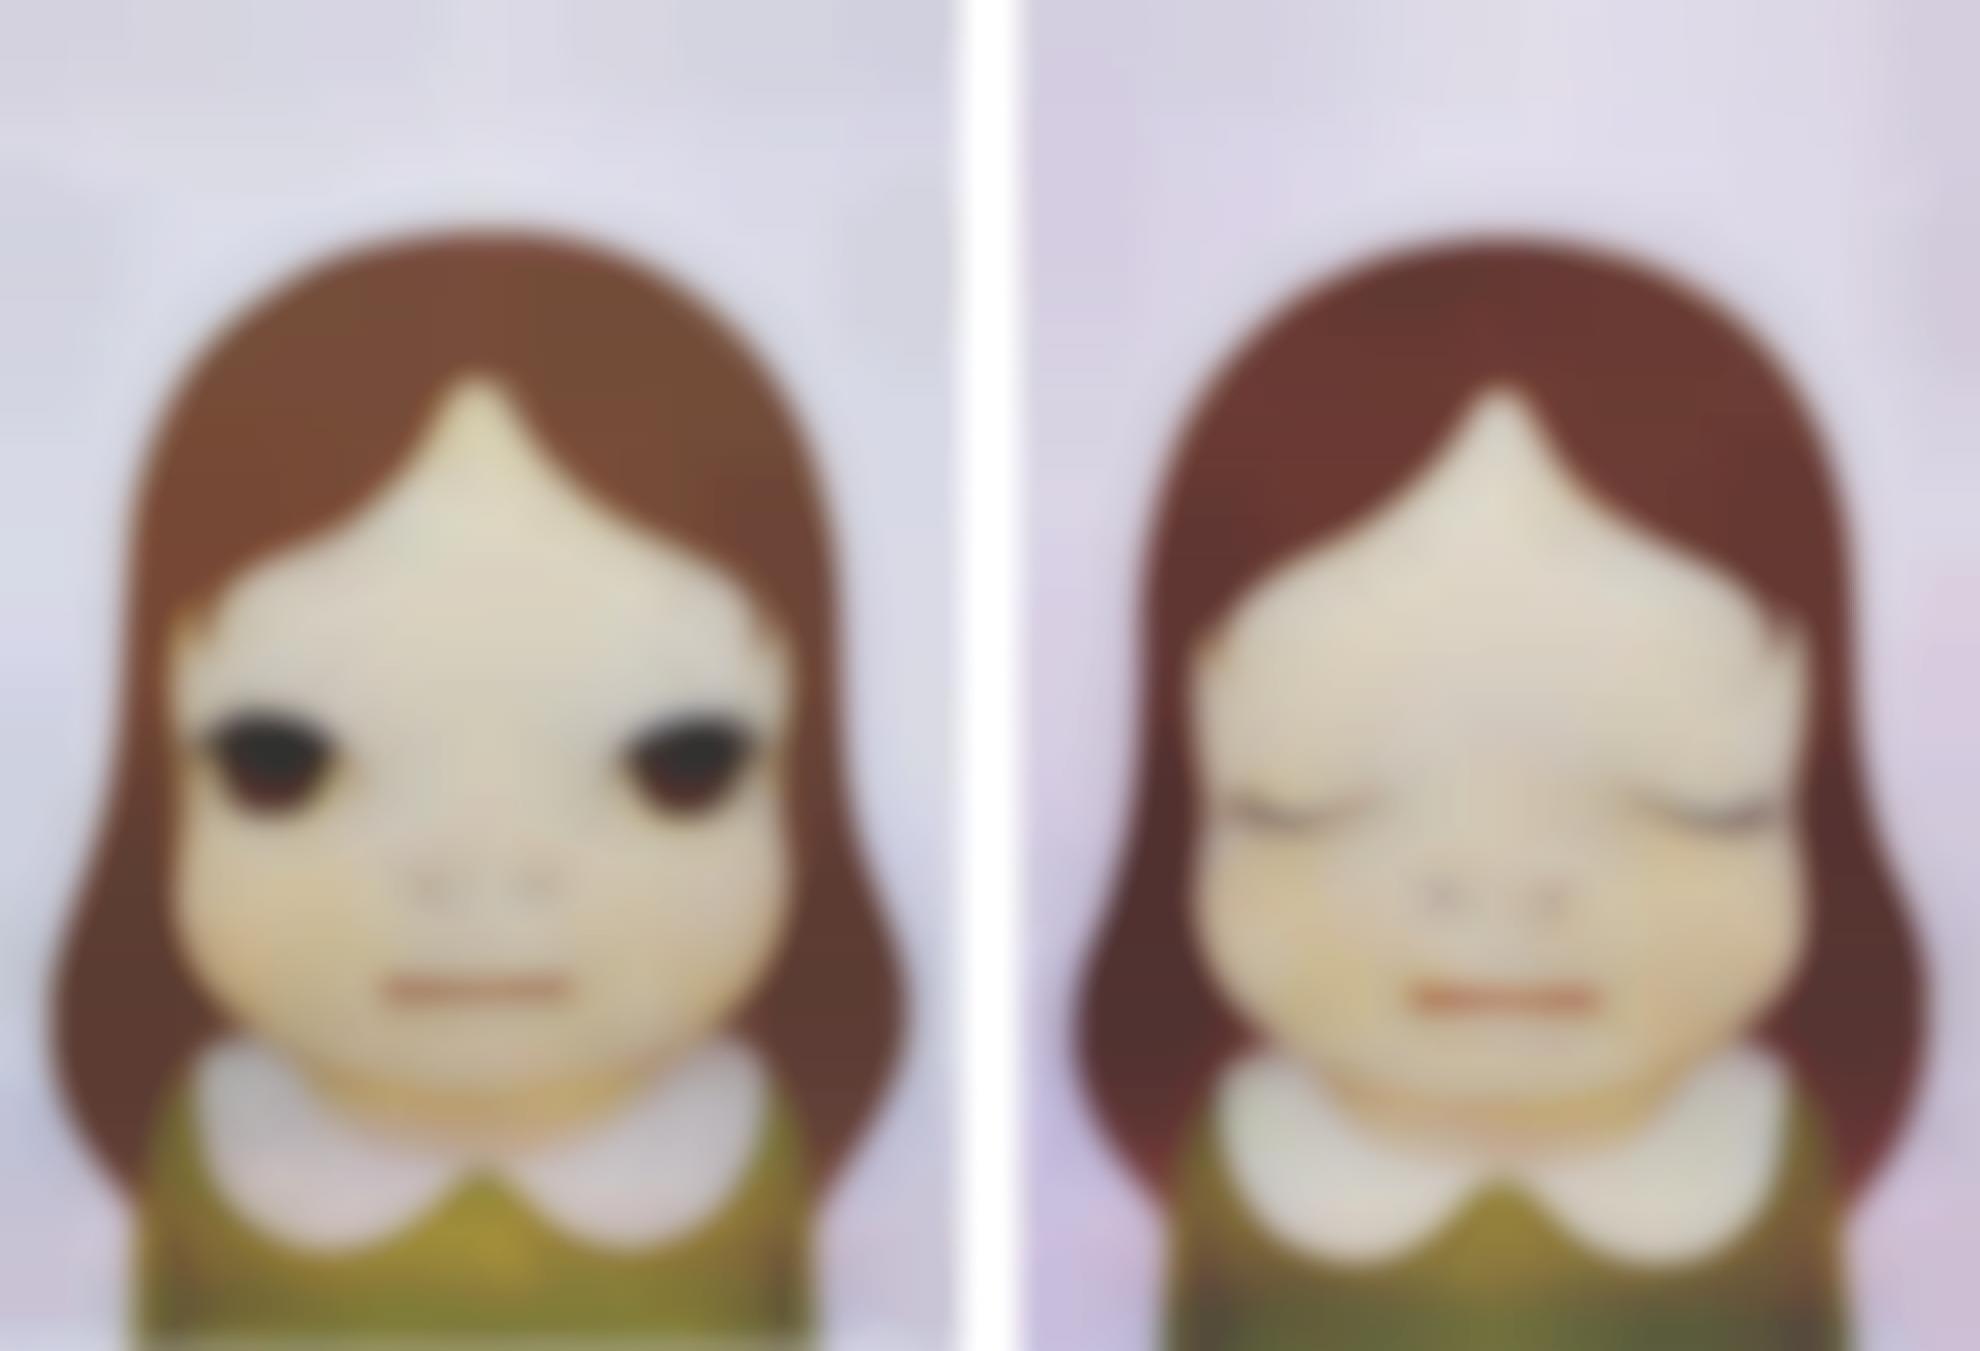 Yoshitomo Nara-Cosmic Girls: Eyes Opened/ Eyes Closed (Two Works)-2008